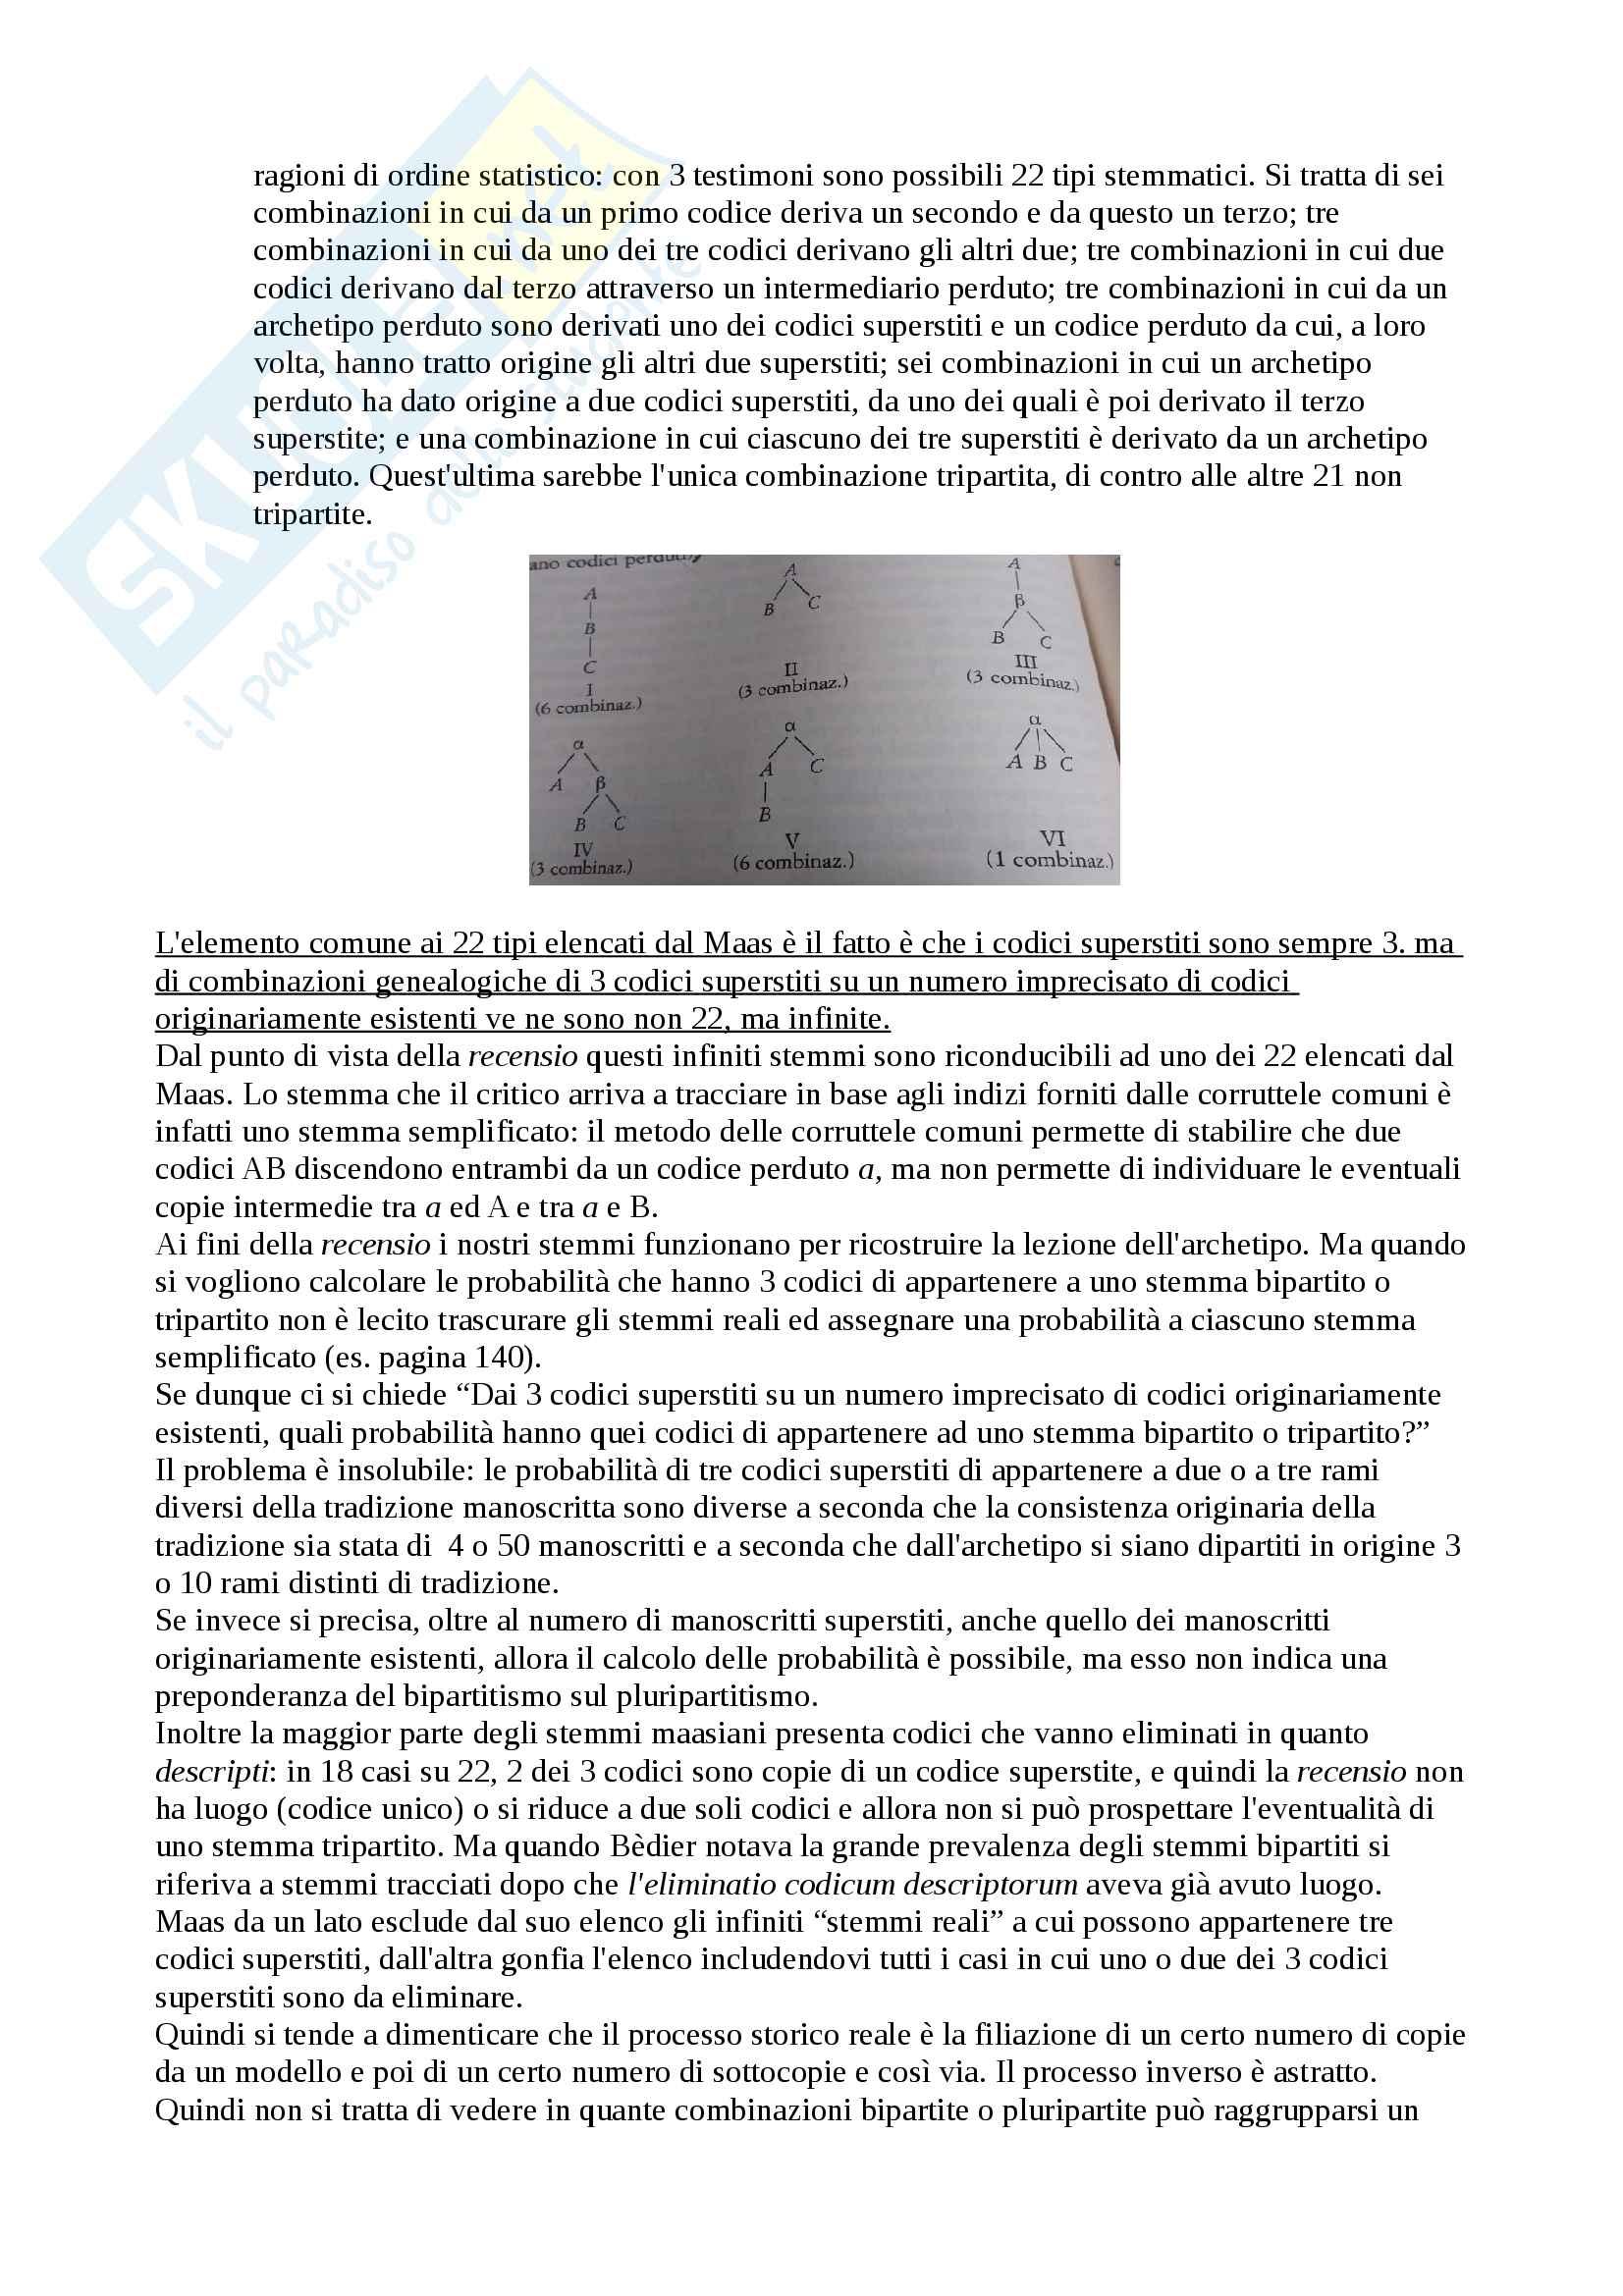 Riassunto esame Filologia Italiana, docente Lorenzi Cristiano, libro consigliato Fondamenti di Critica Testuale, Stussi Pag. 11